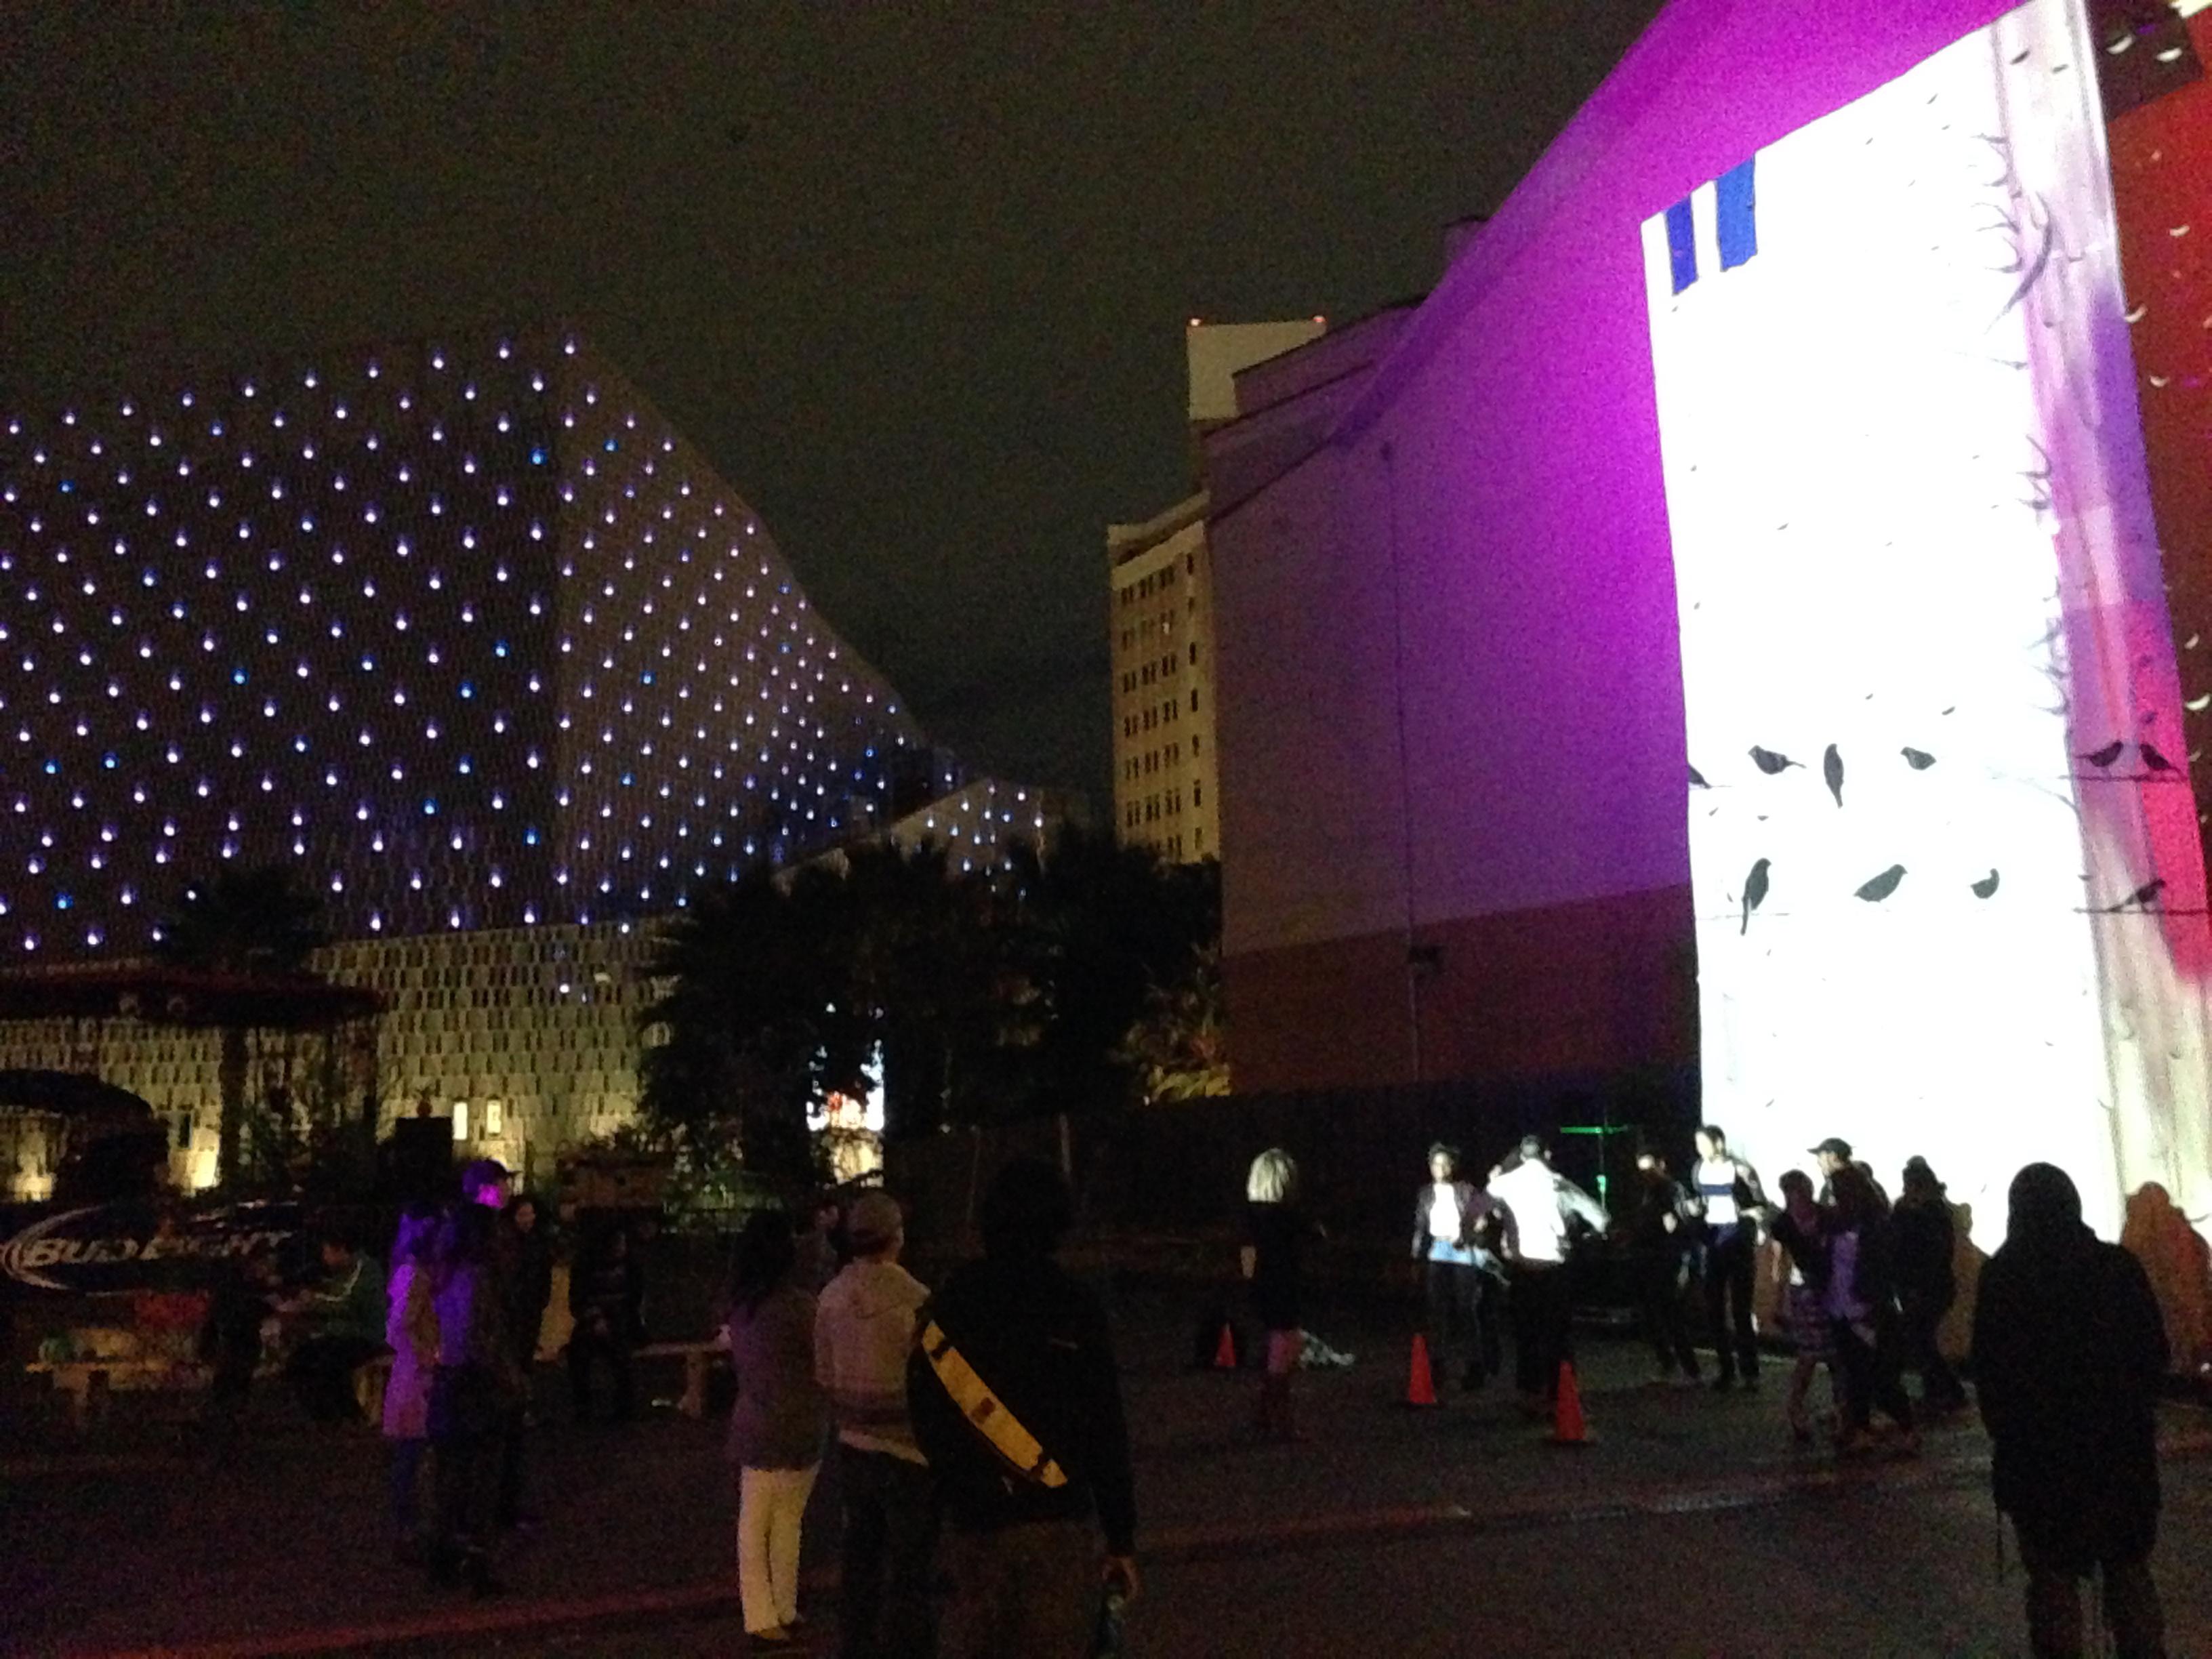 luminaria night bright2